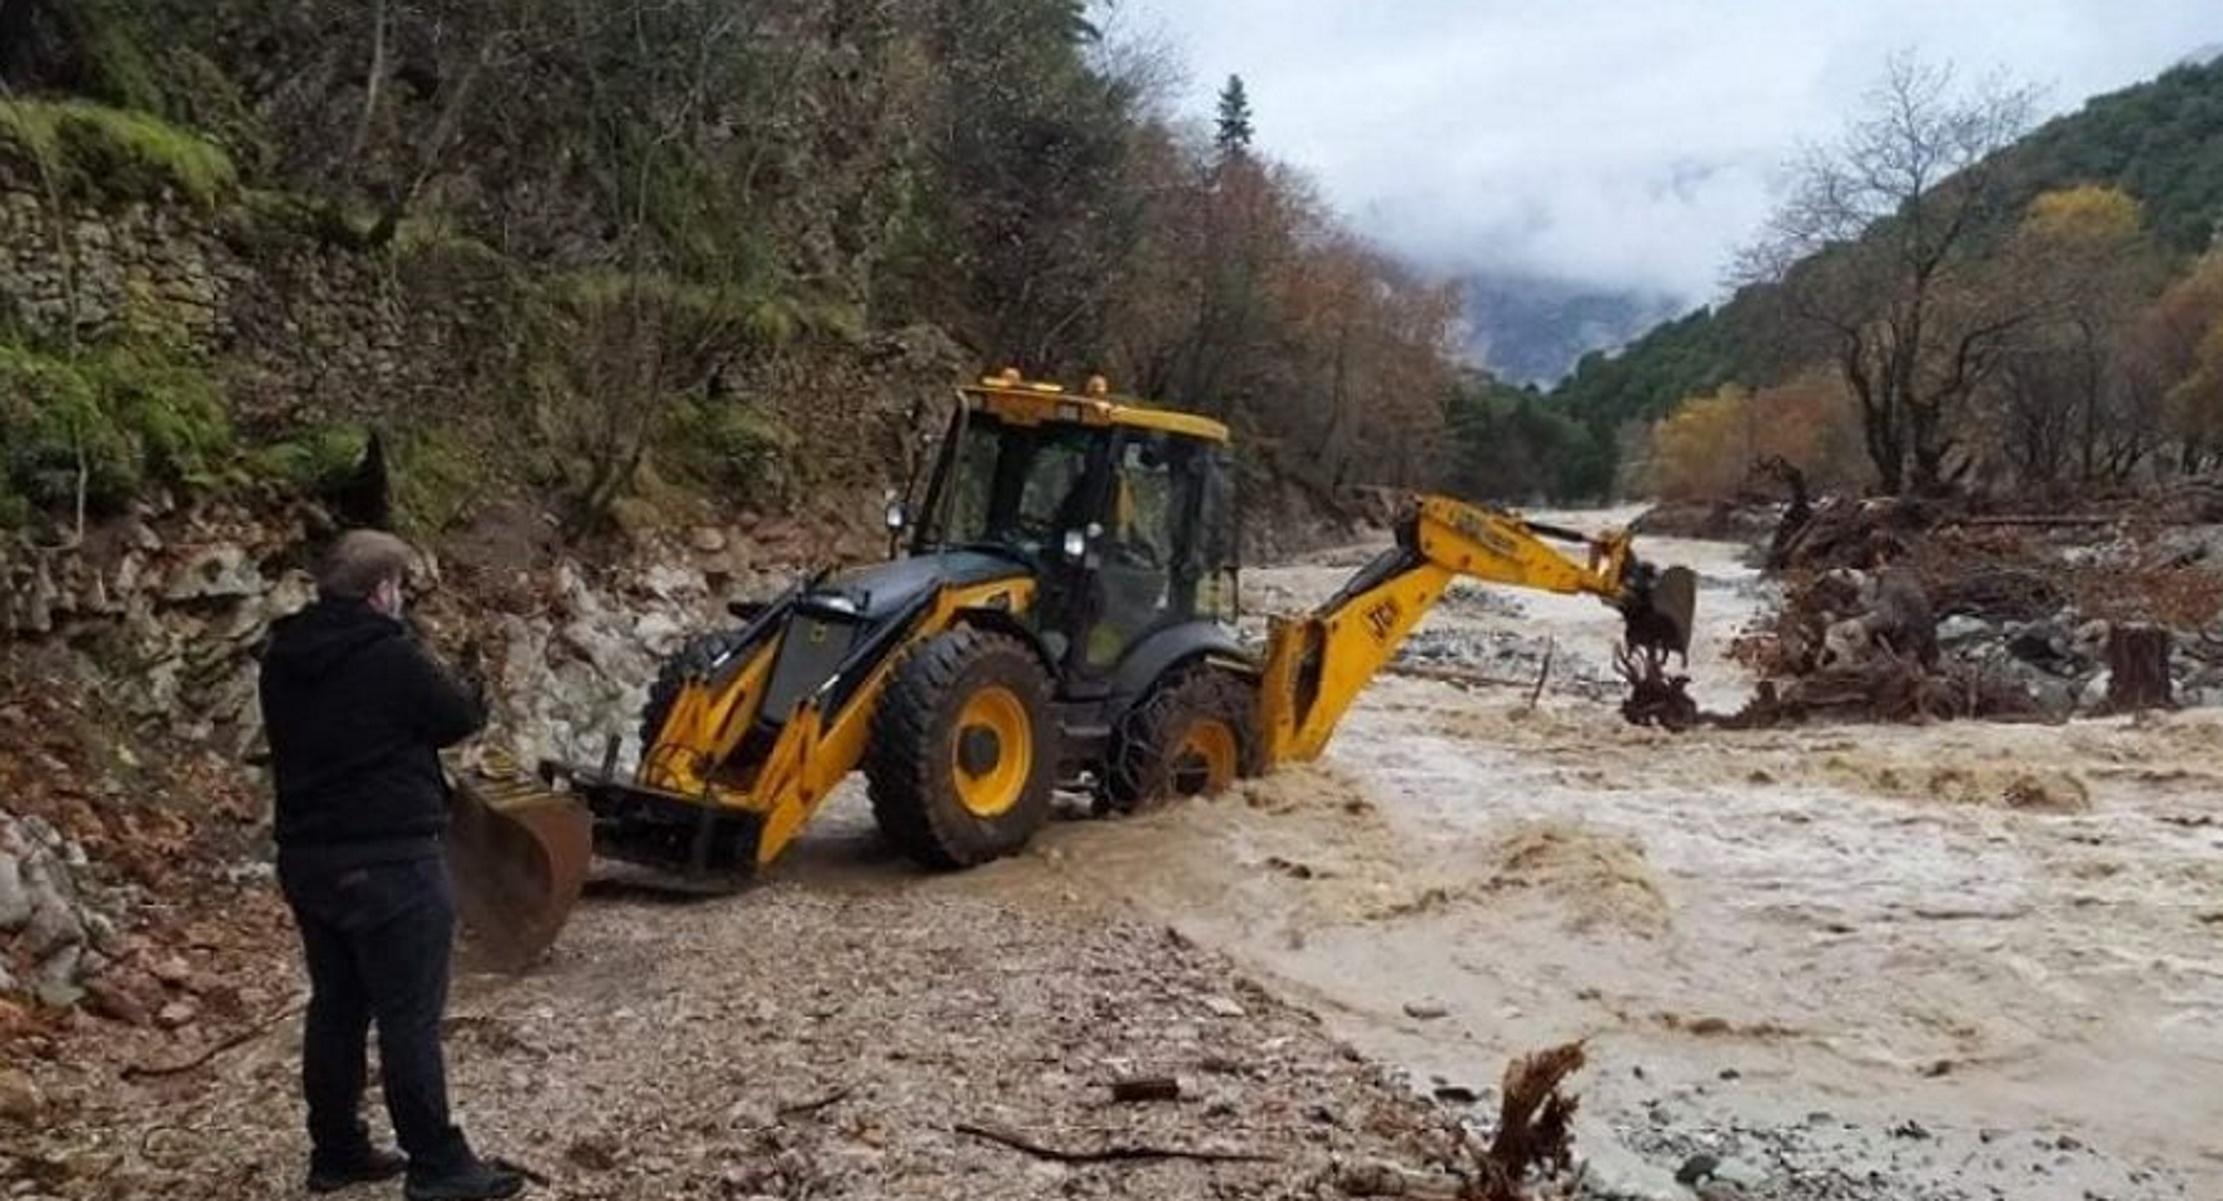 Καρδίτσα: Αποκλεισμένοι κάτοικοι, κατολισθήσεις και πλημμύρες (pics, video)